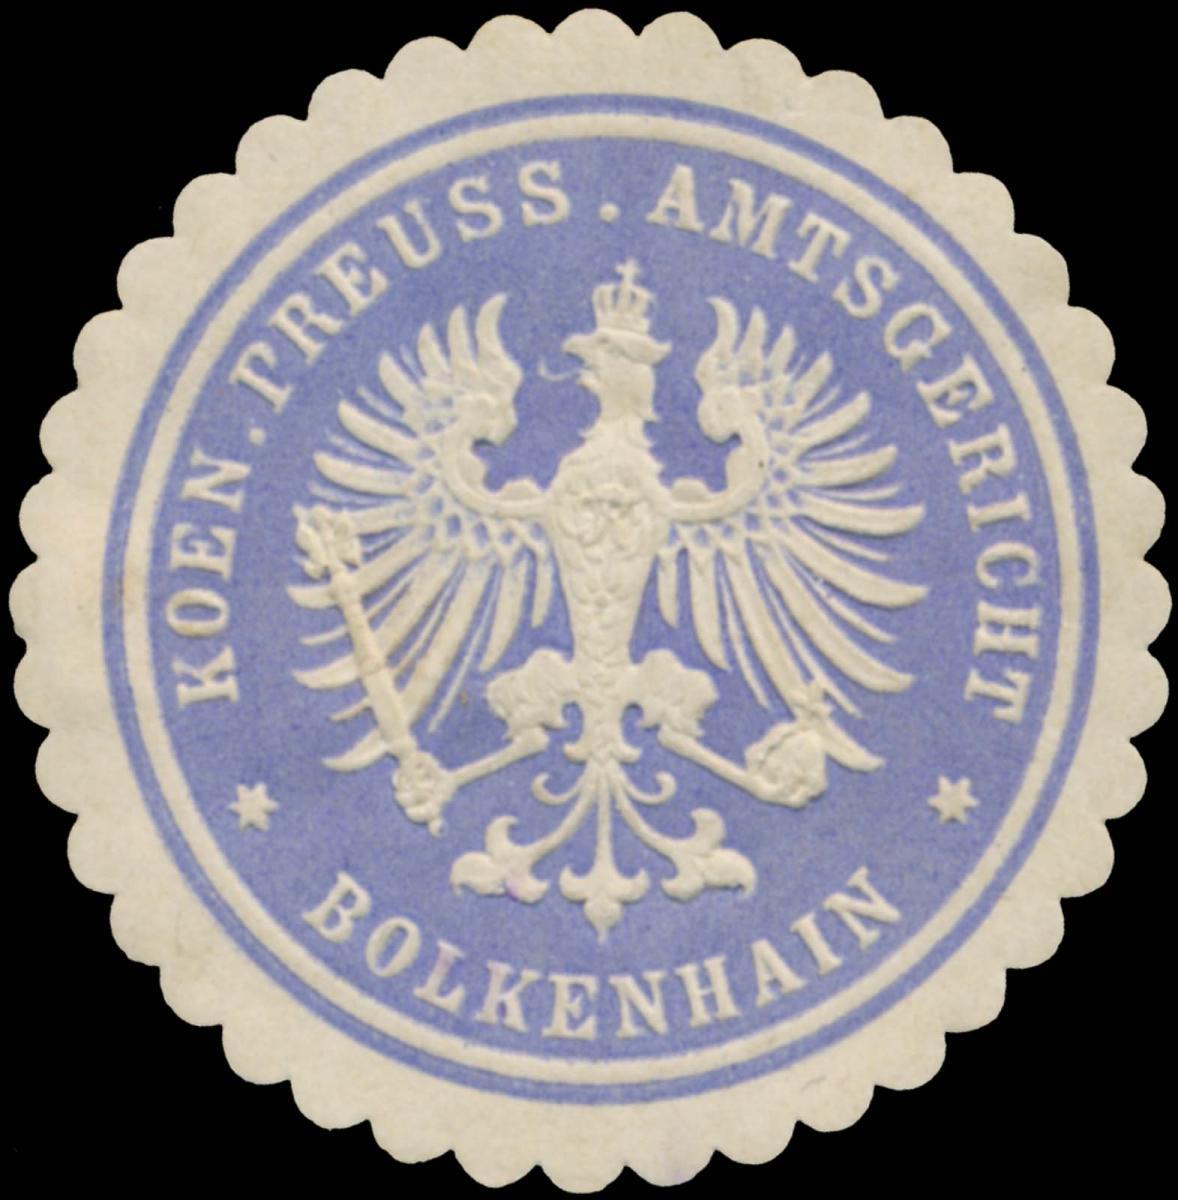 K.Pr. Amtsgericht Bolkenhain